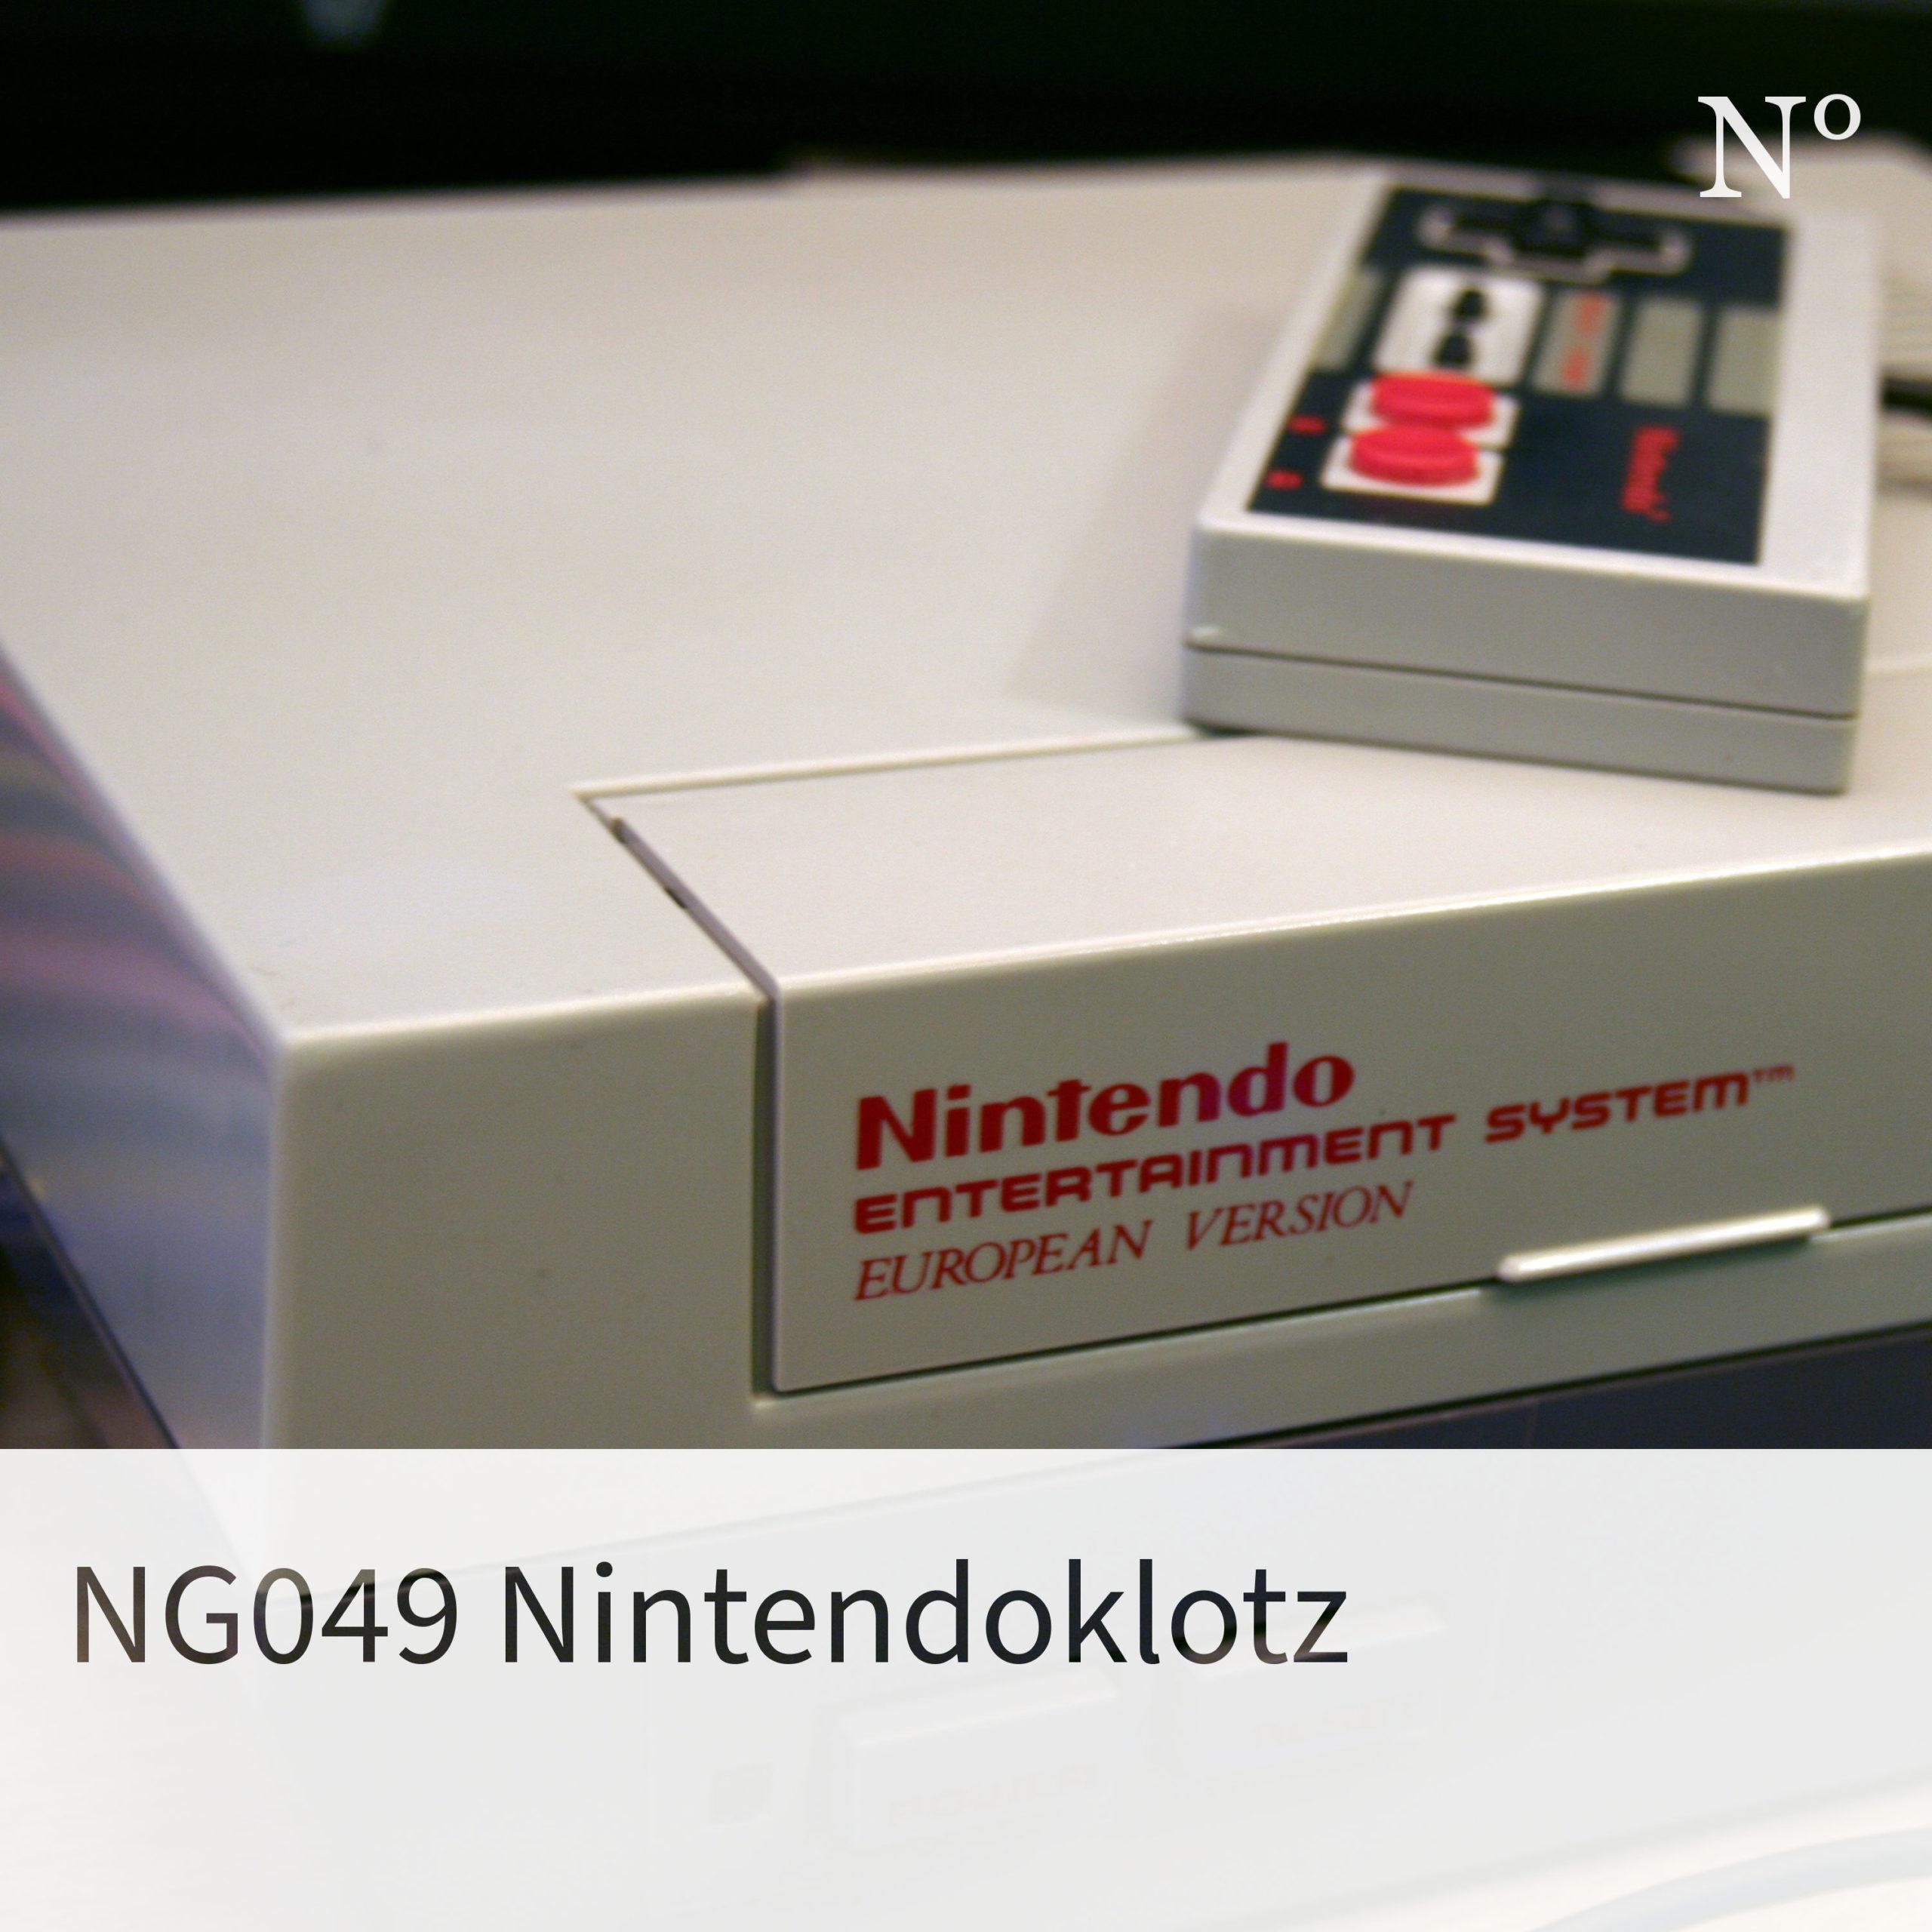 NG049 Nintendoklotz Episoden-Cover